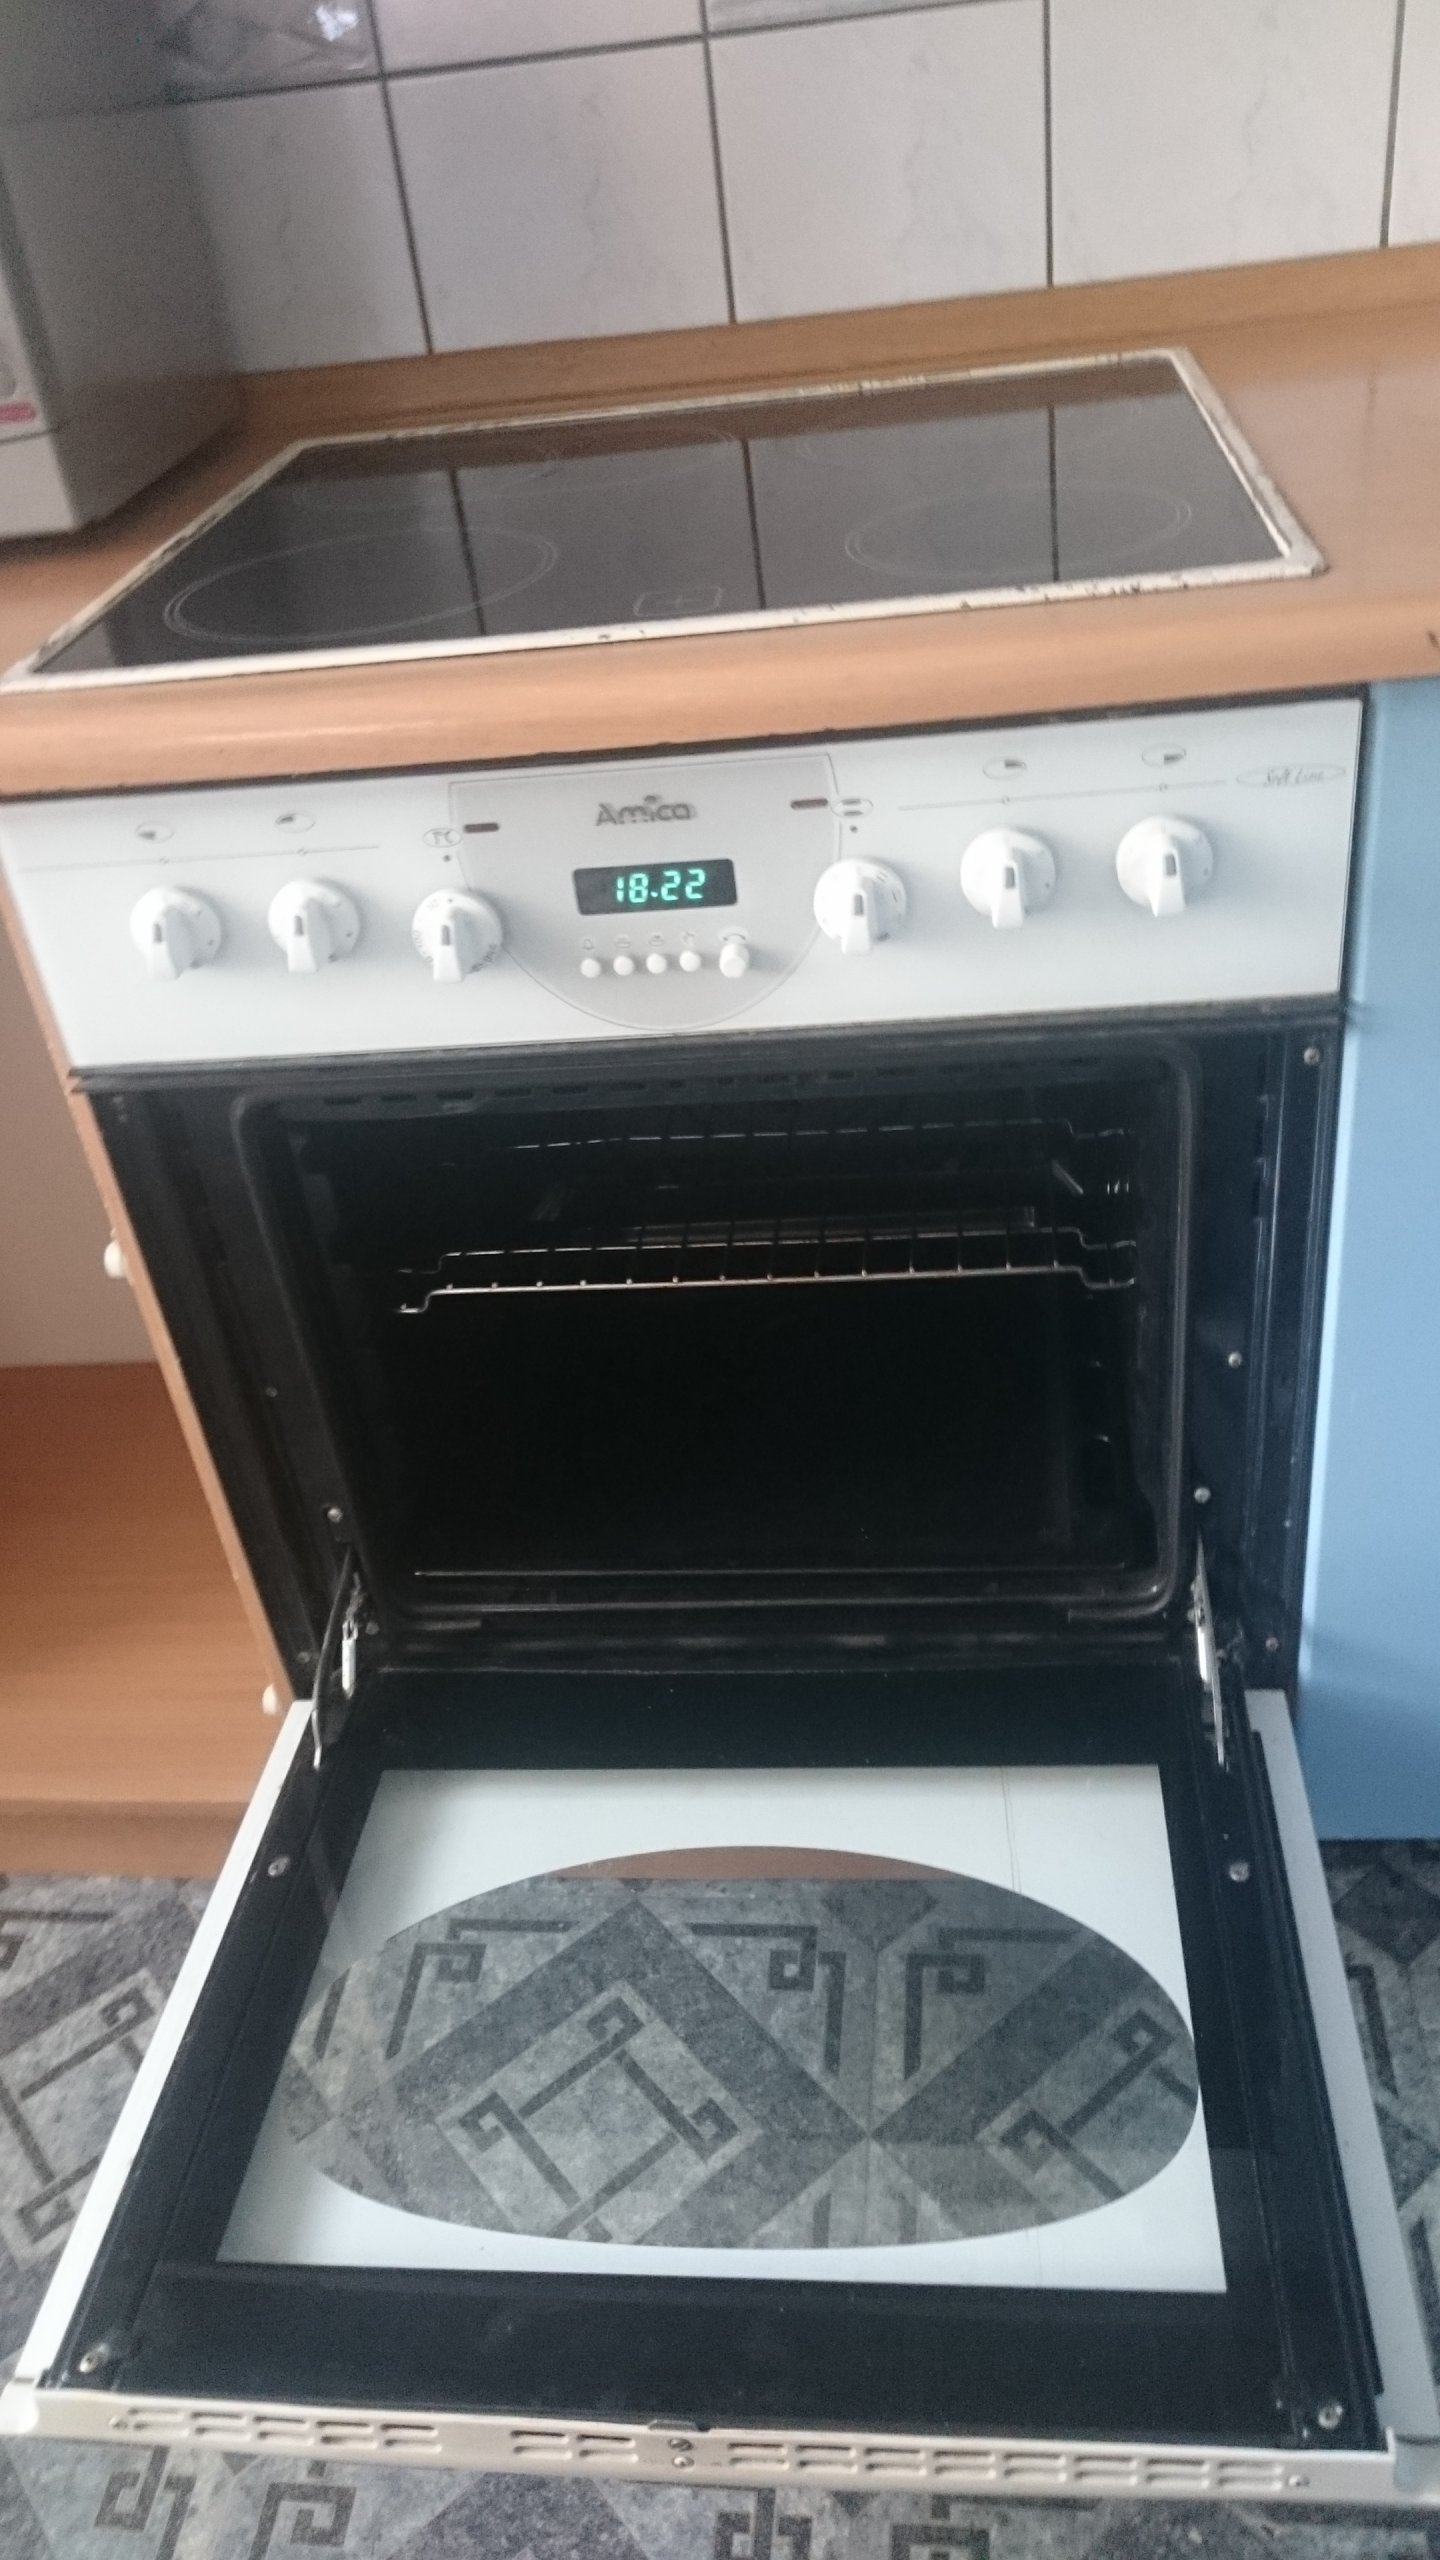 Kuchnia Elektryczna Amica Z Blatem Ceramicznym 7342878626